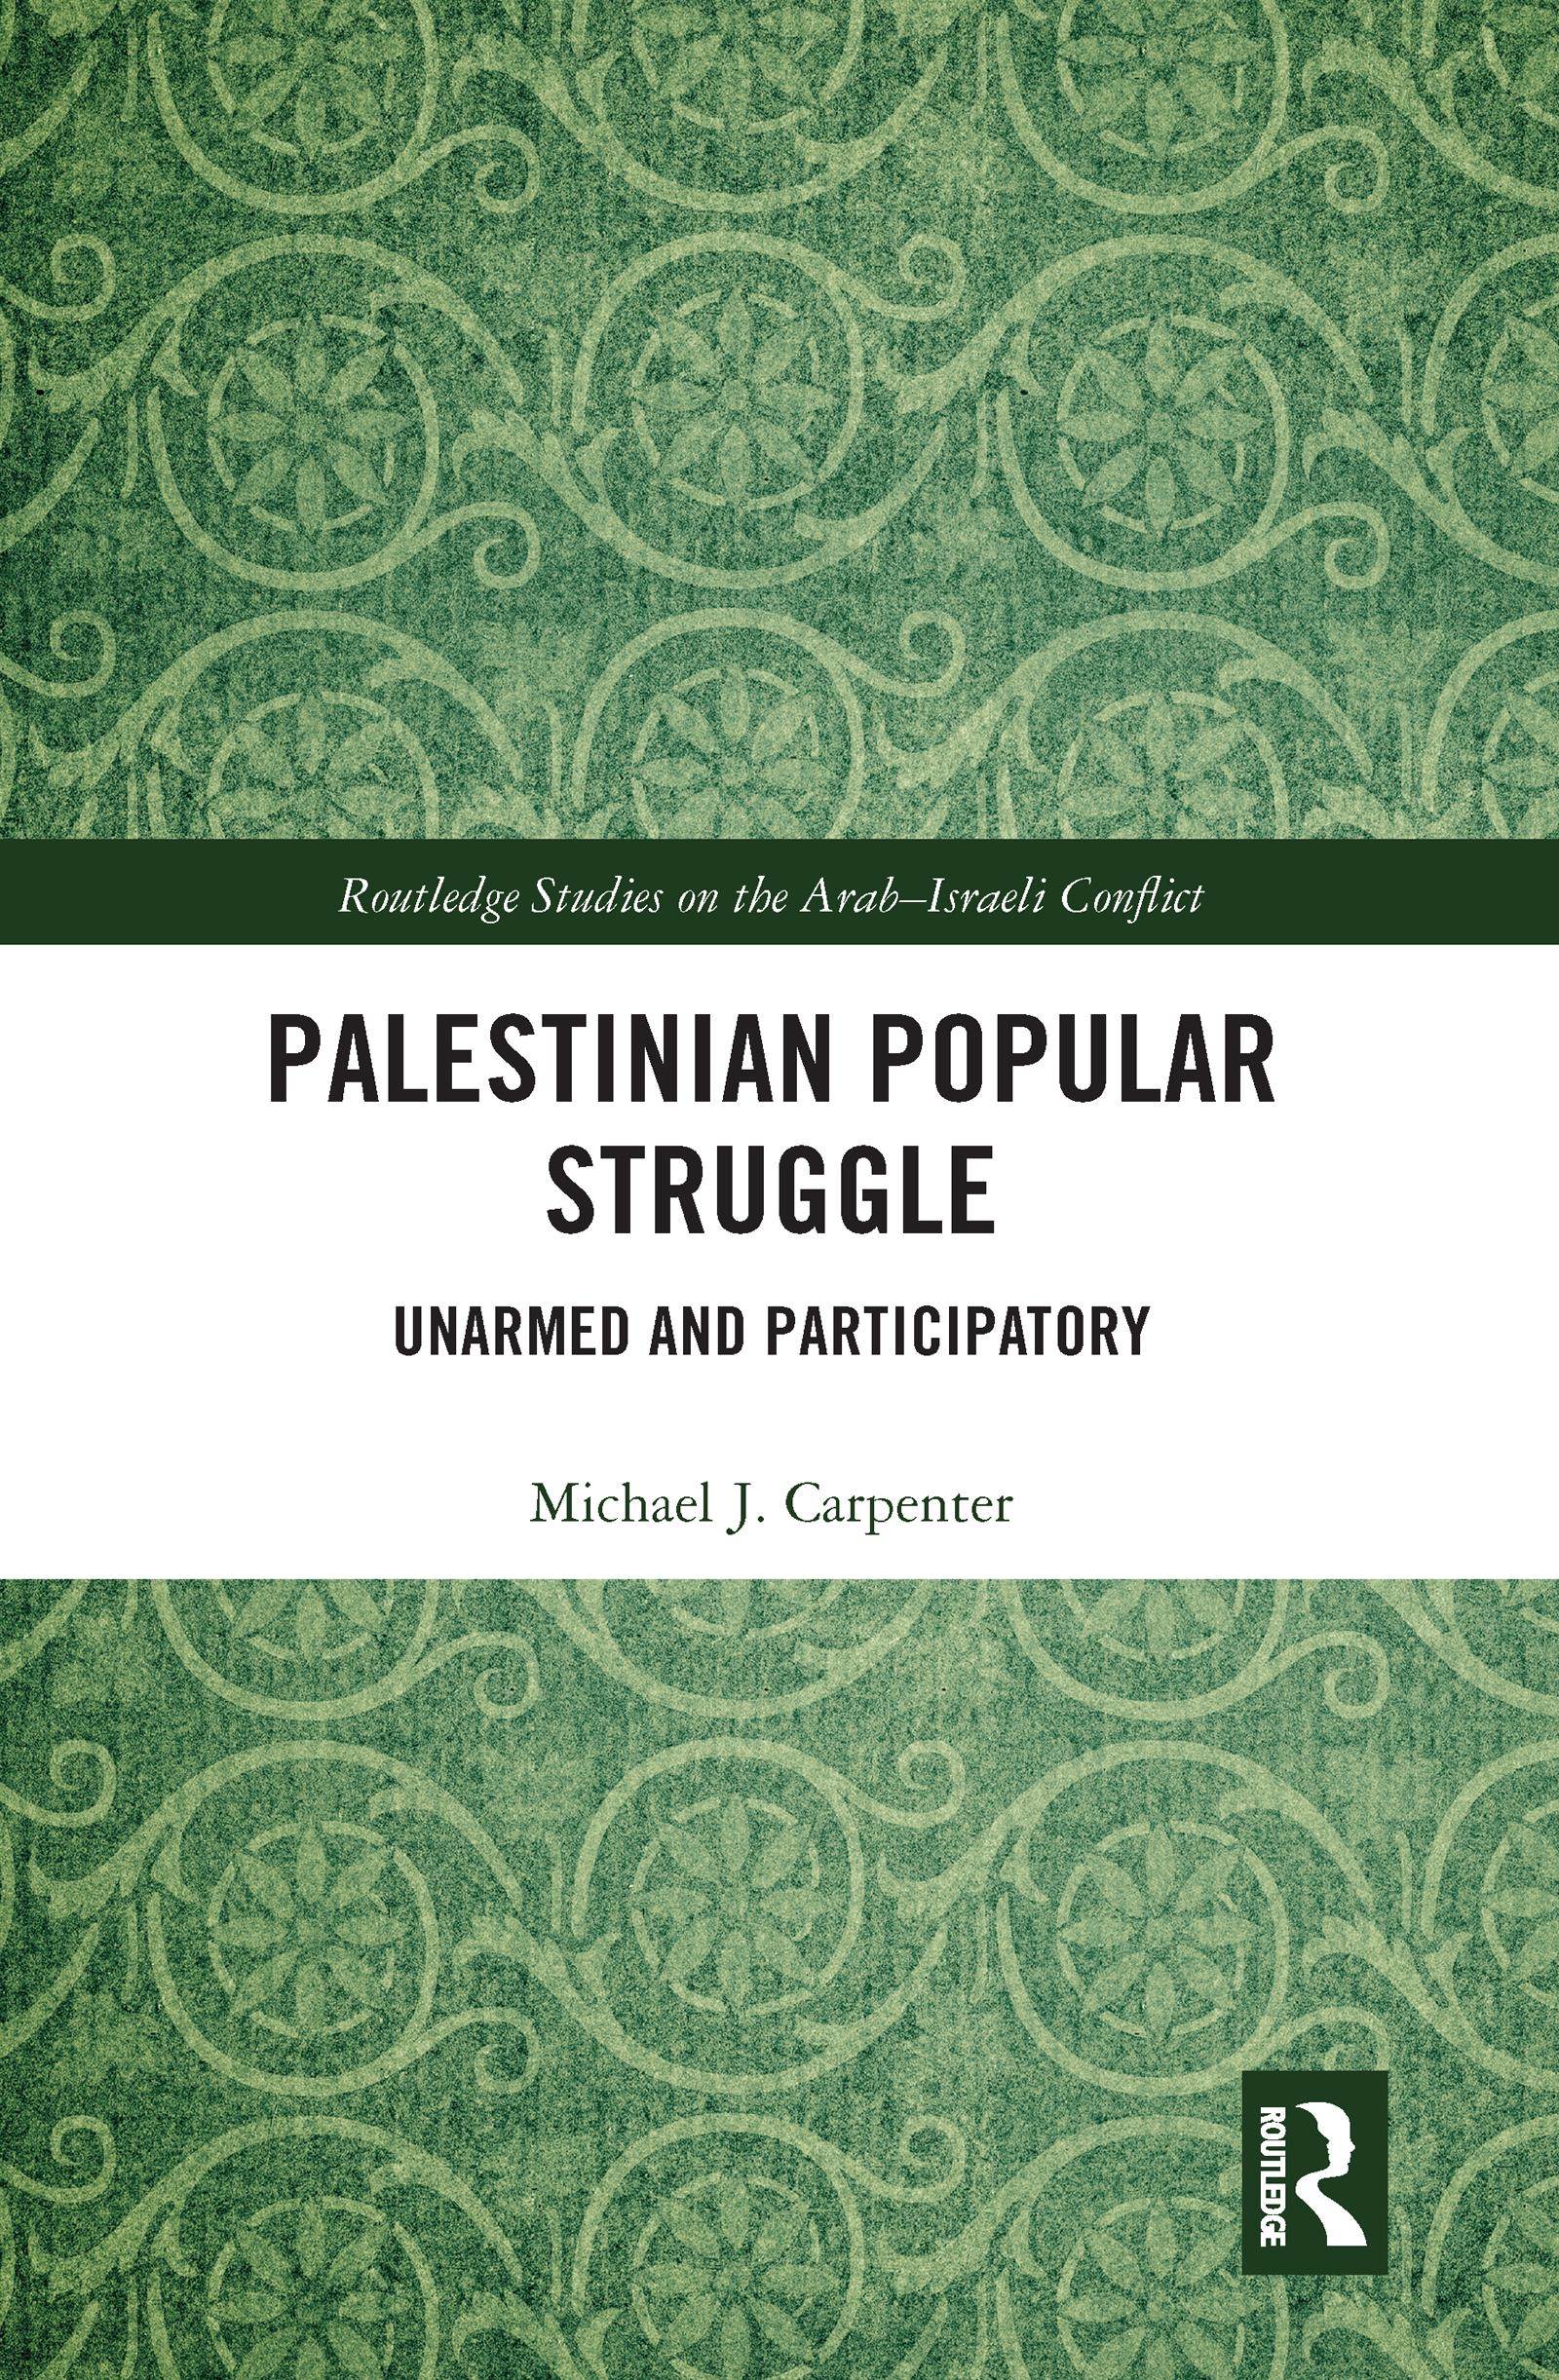 Palestinian Popular Struggle